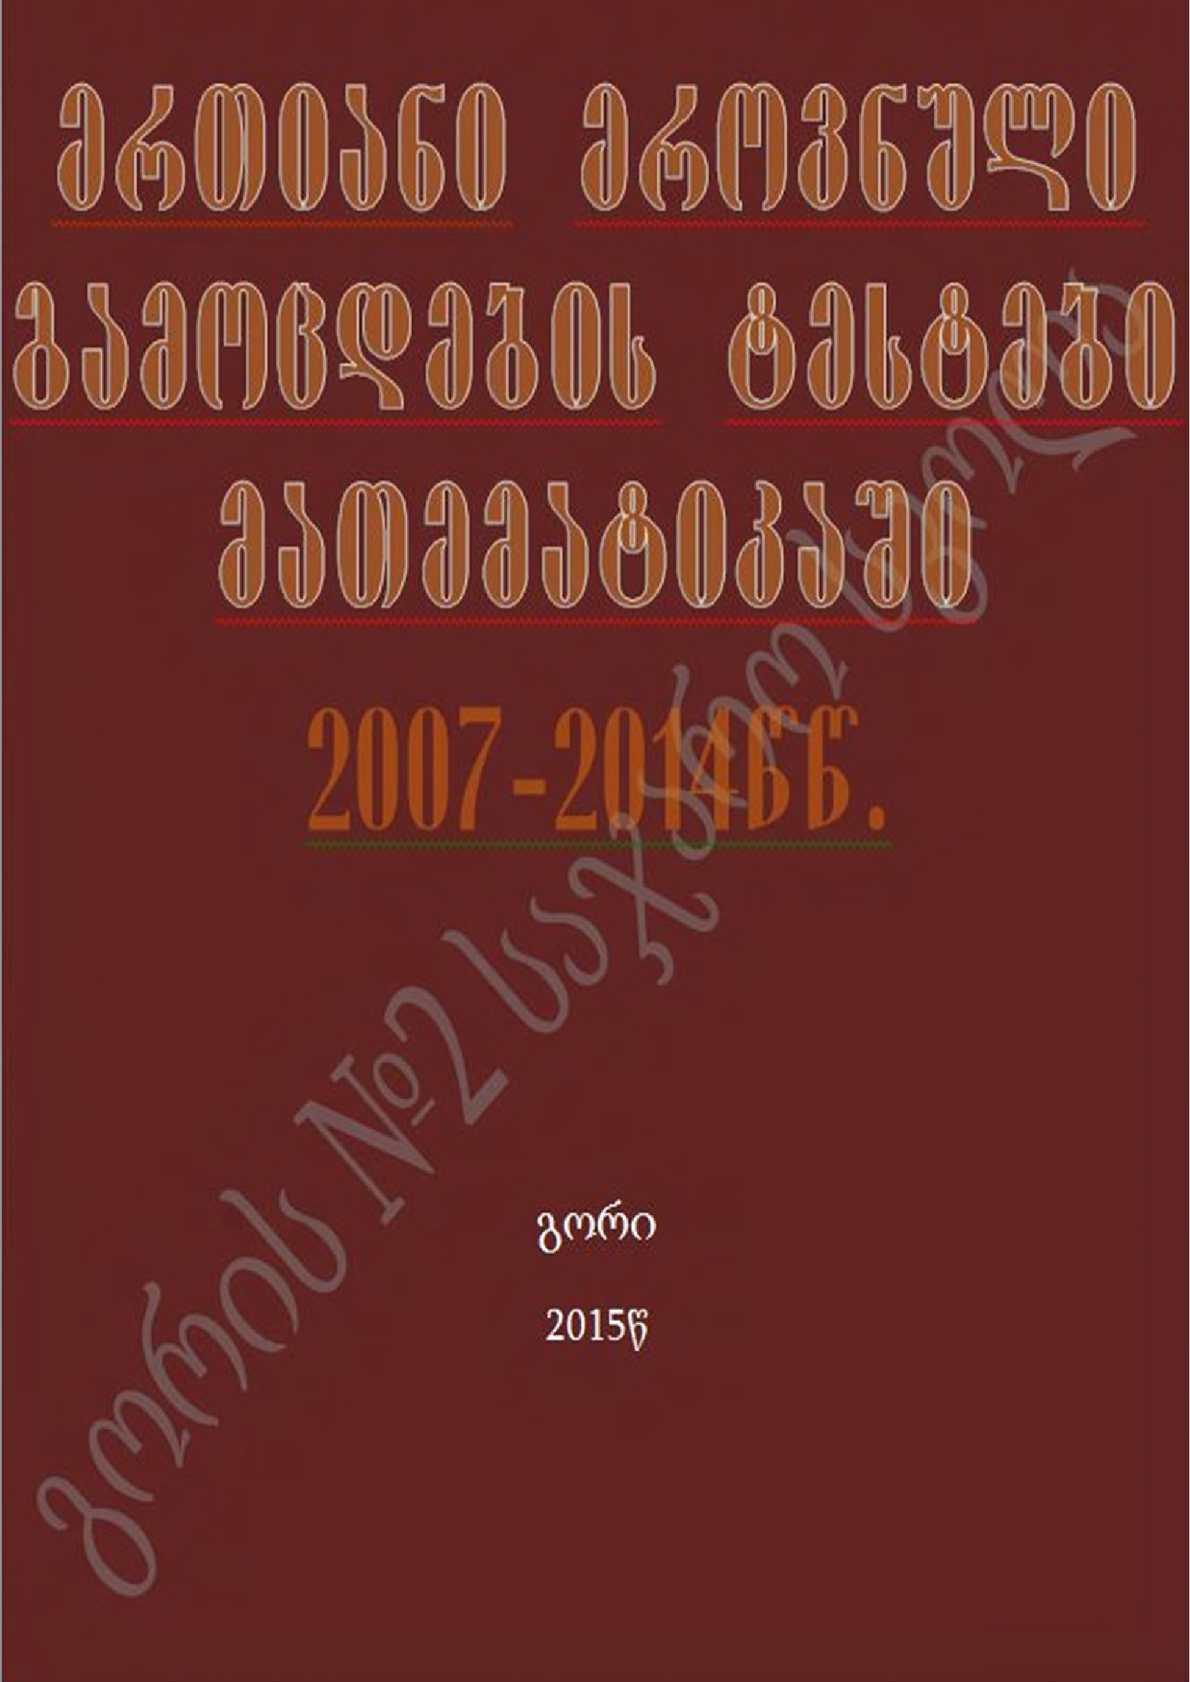 ერთიანი ეროვნული გამოცდების ტესტები მათემატიკაში 2007 2014